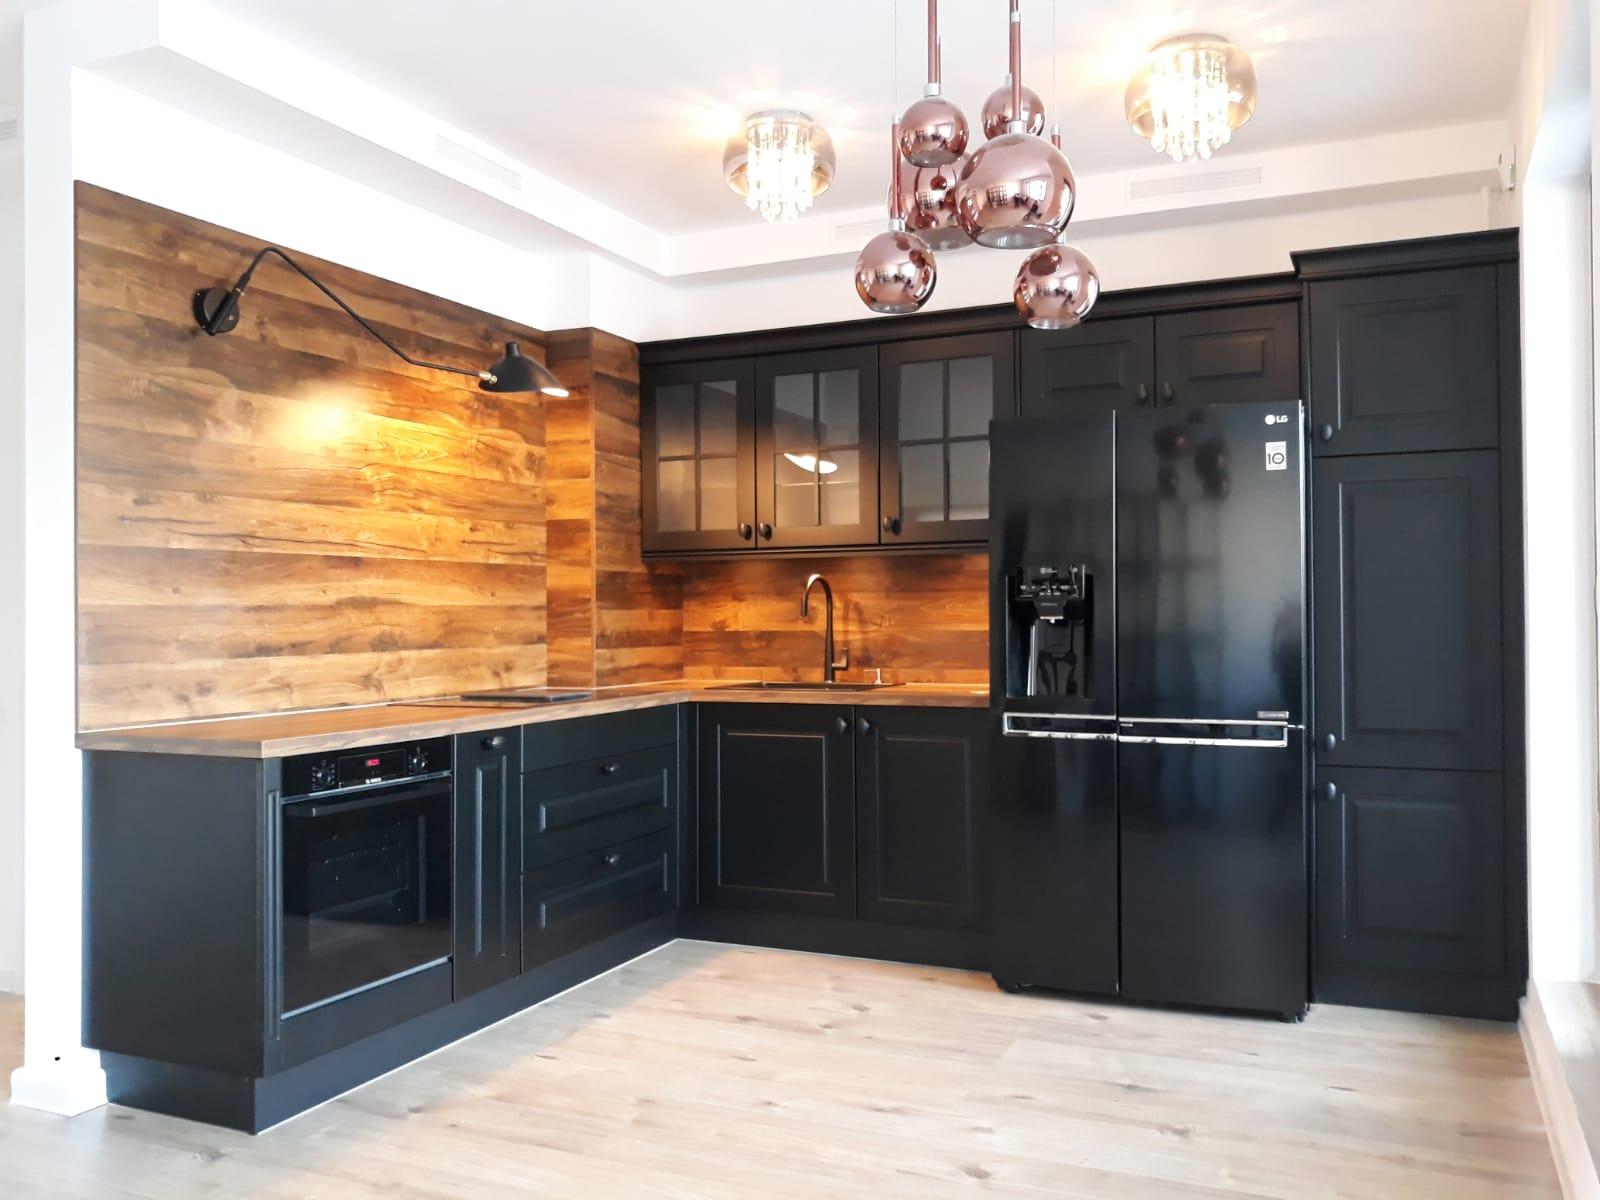 Referință - Bucătărie rustică Nobilia Sylt - Negru mat / Stejar Timber